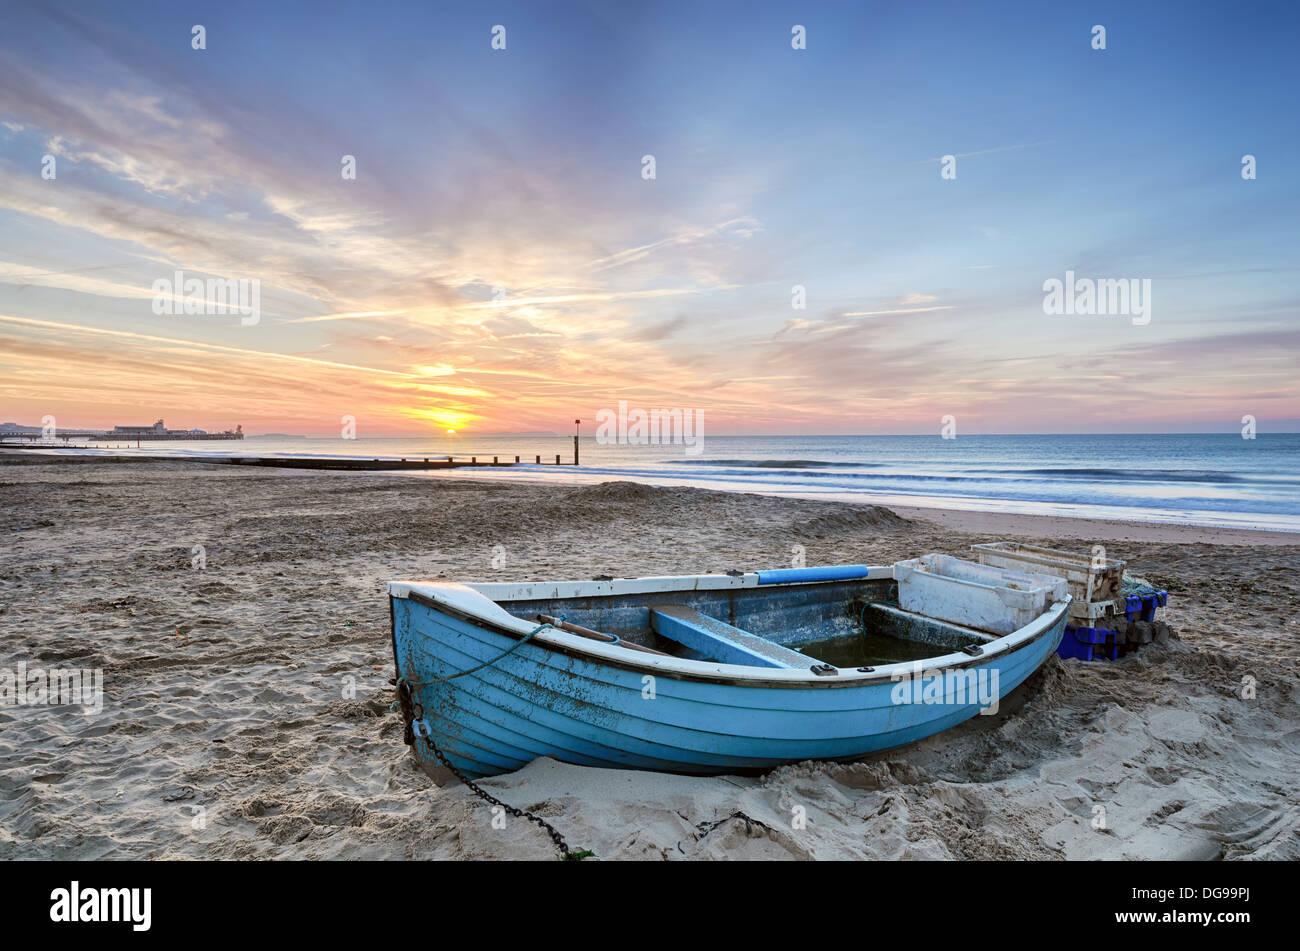 Blu Turchese barca da pesca al sorgere del sole sulla spiaggia di Bournemouth con Pier a lunga distanza Immagini Stock